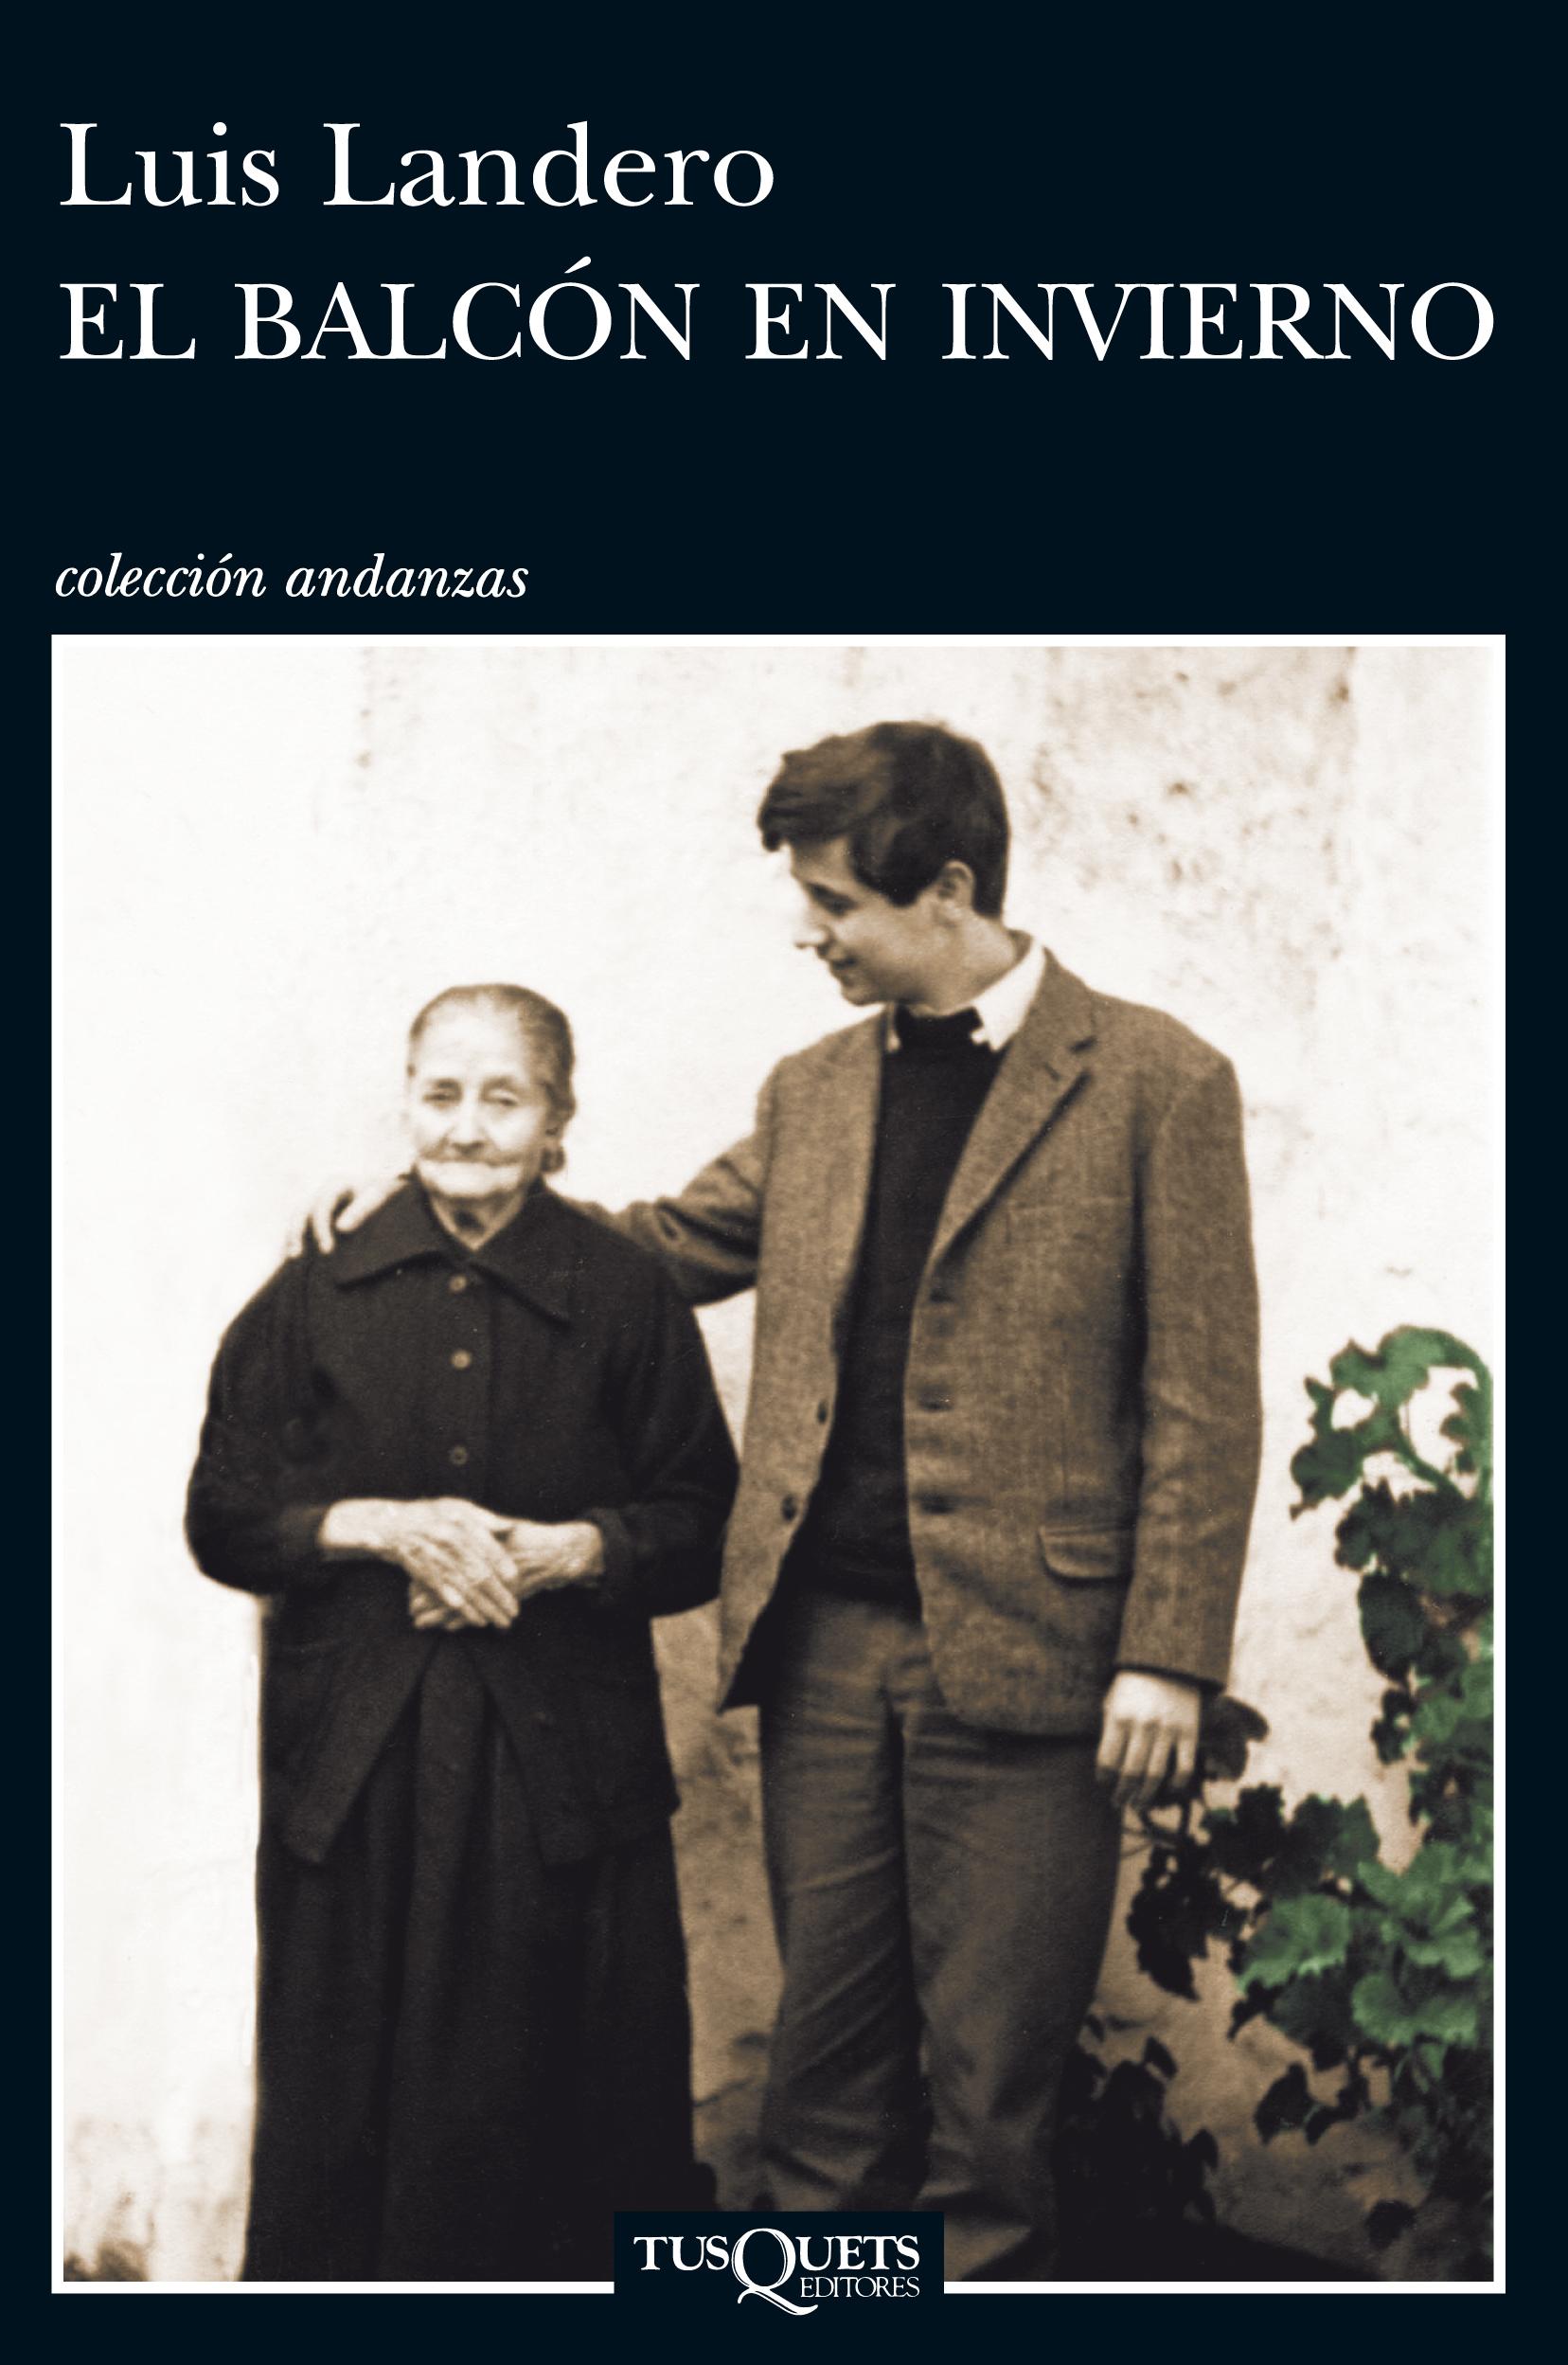 'El balcón de invierno' es la narración autobiográfica de Landero.